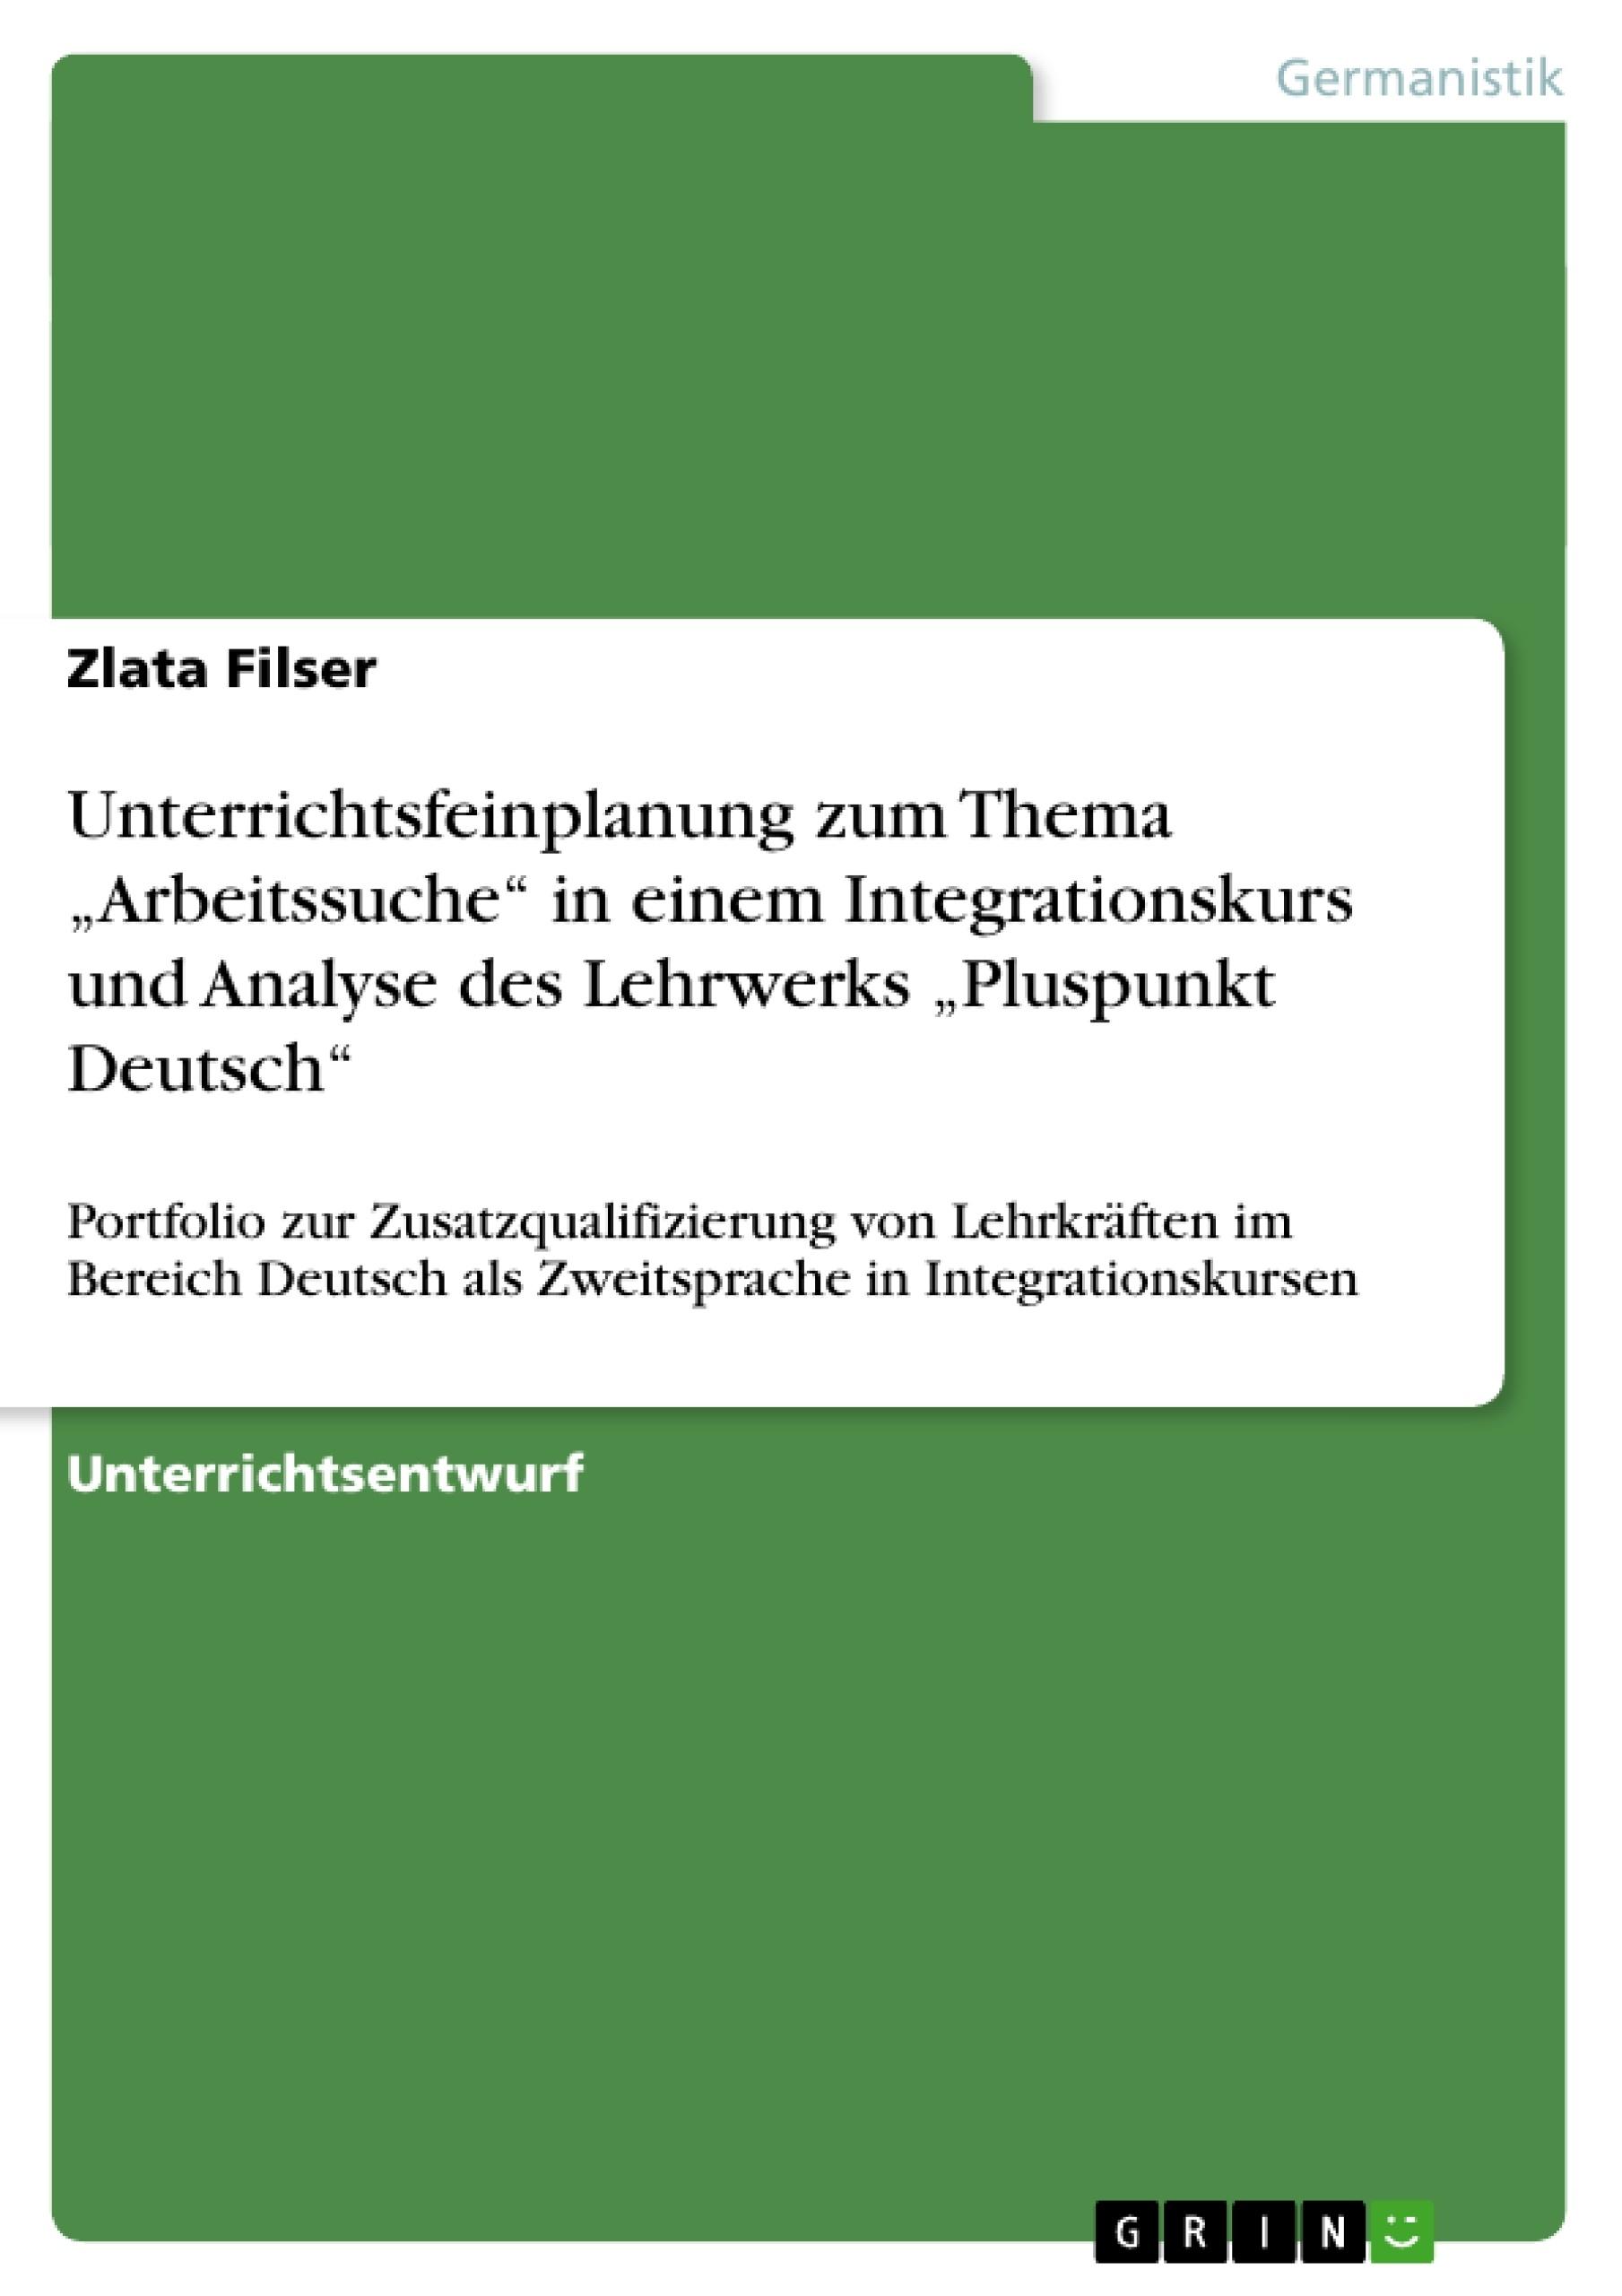 """Titel: Unterrichtsfeinplanung zum Thema """"Arbeitssuche"""" in einem Integrationskurs und Analyse des Lehrwerks """"Pluspunkt Deutsch"""""""